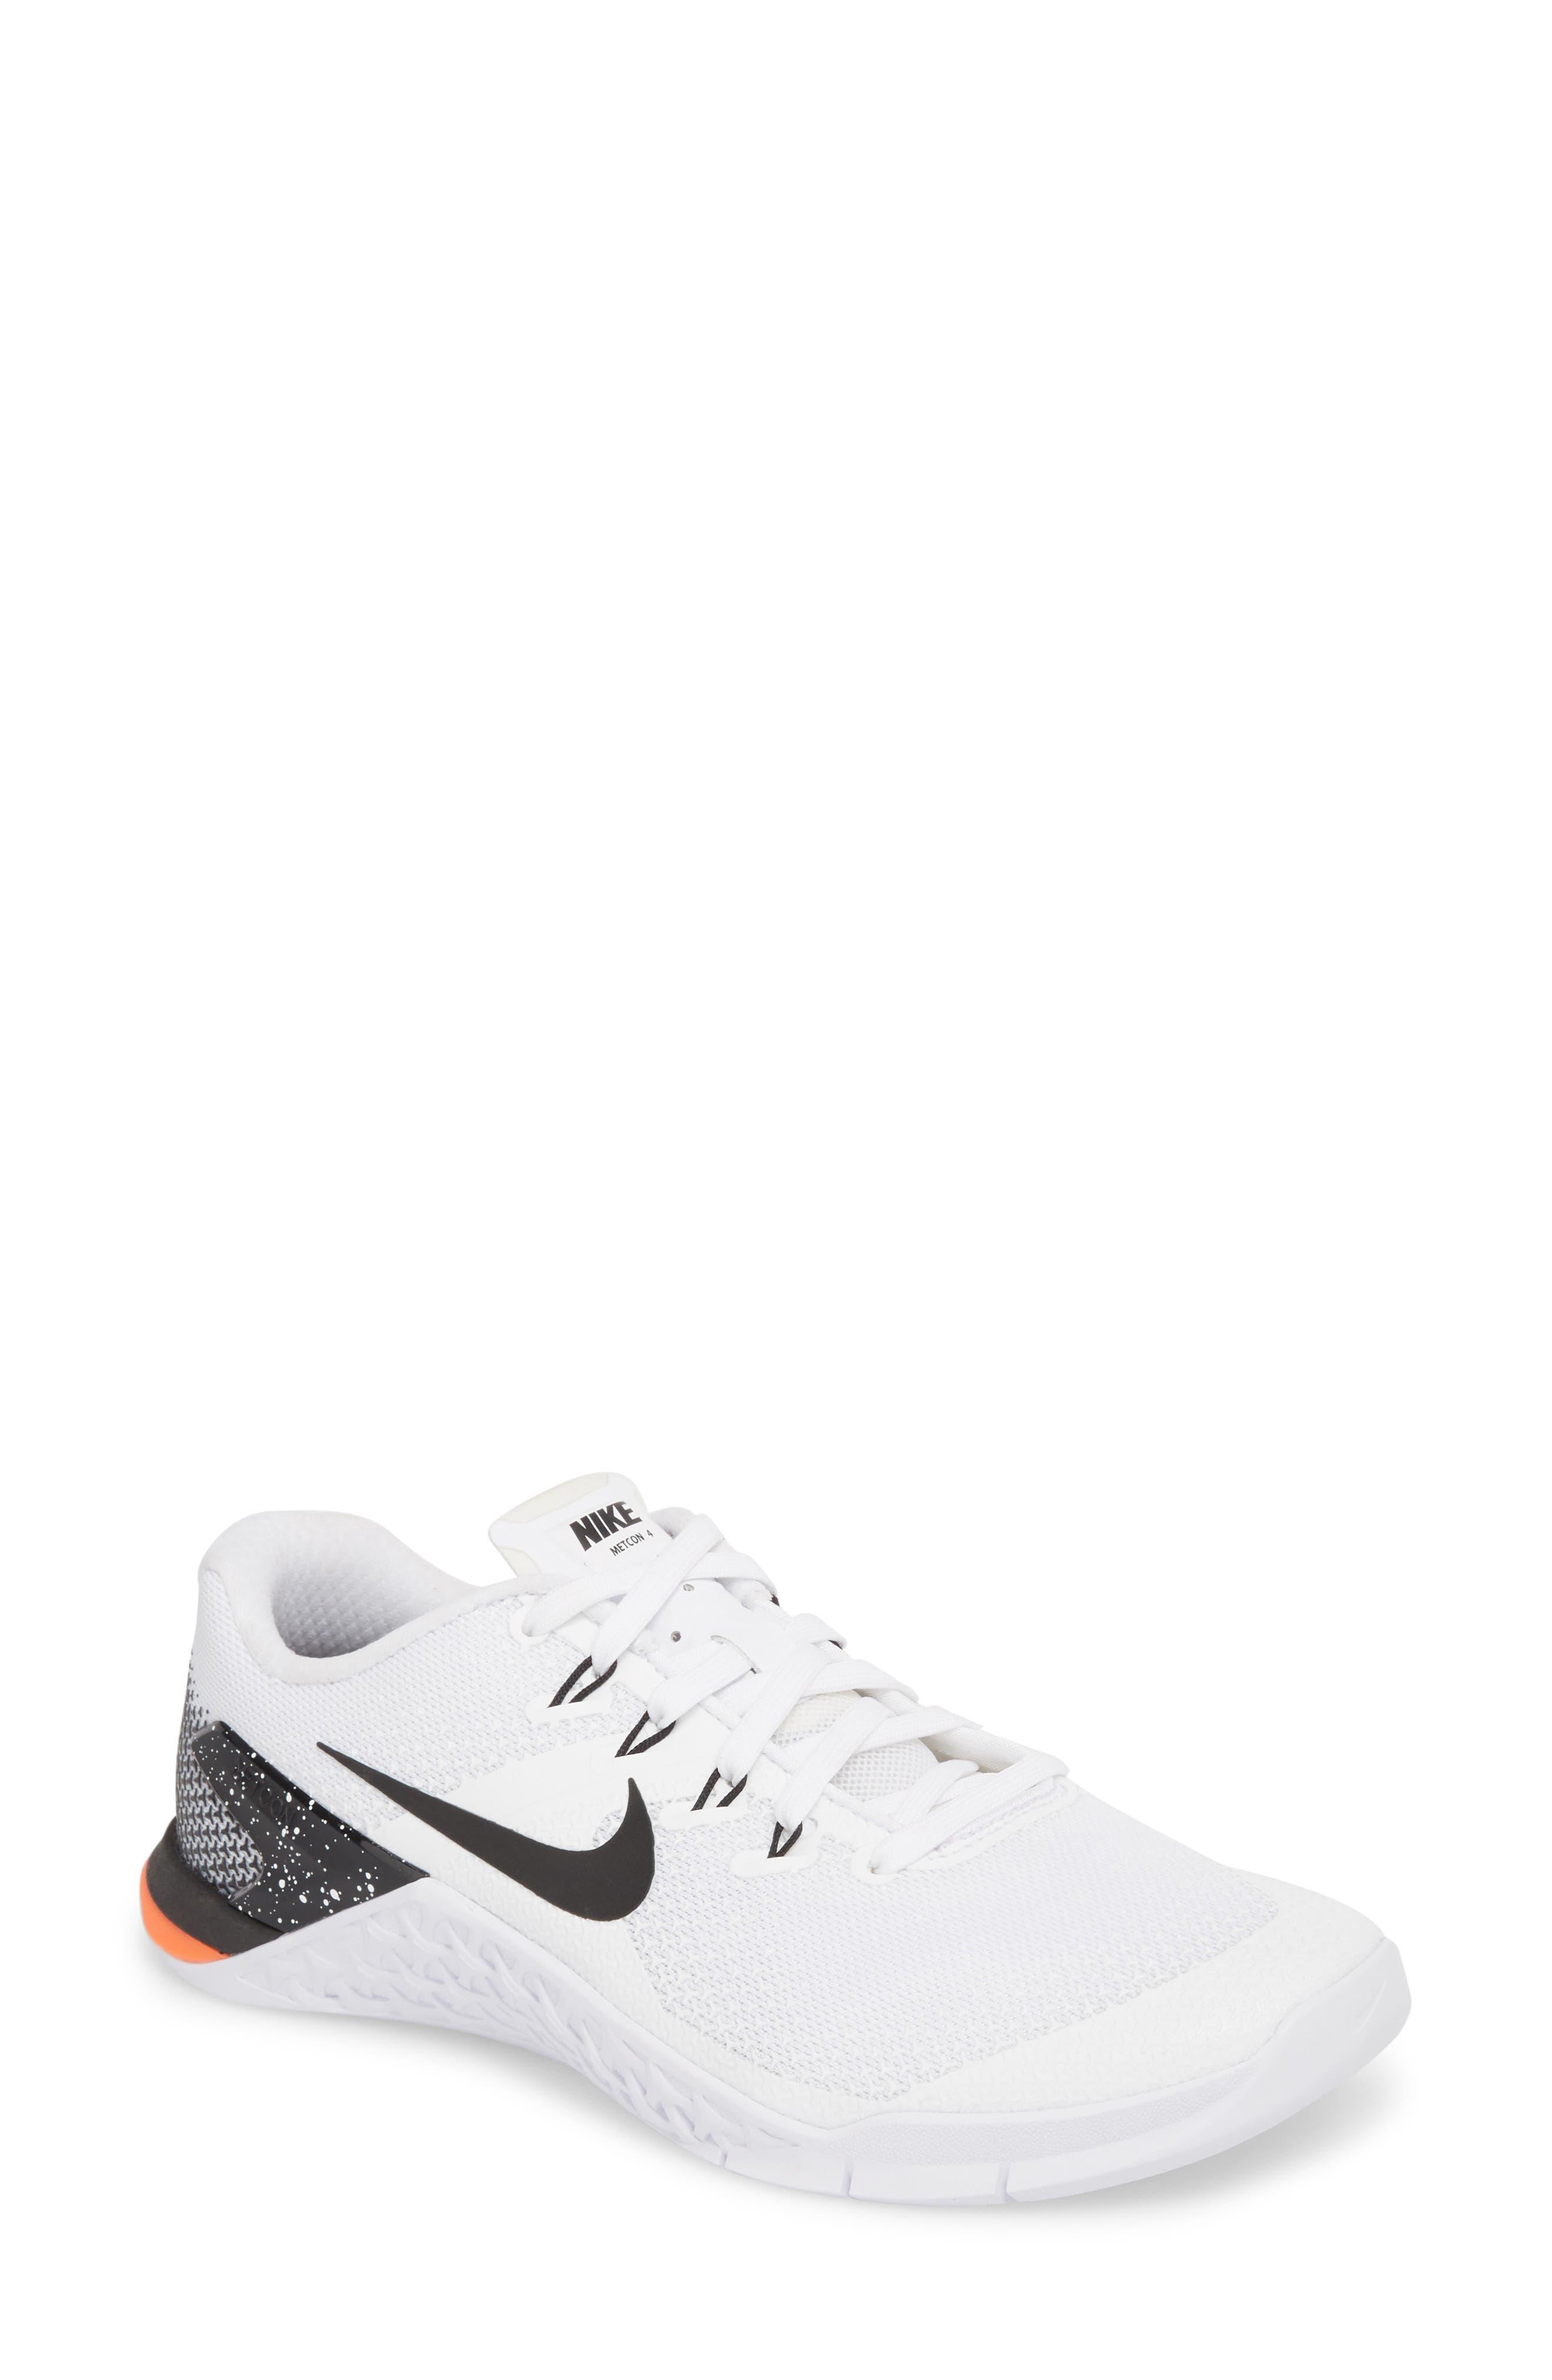 Main Image - Nike Metcon 4 Training Shoe (Women)